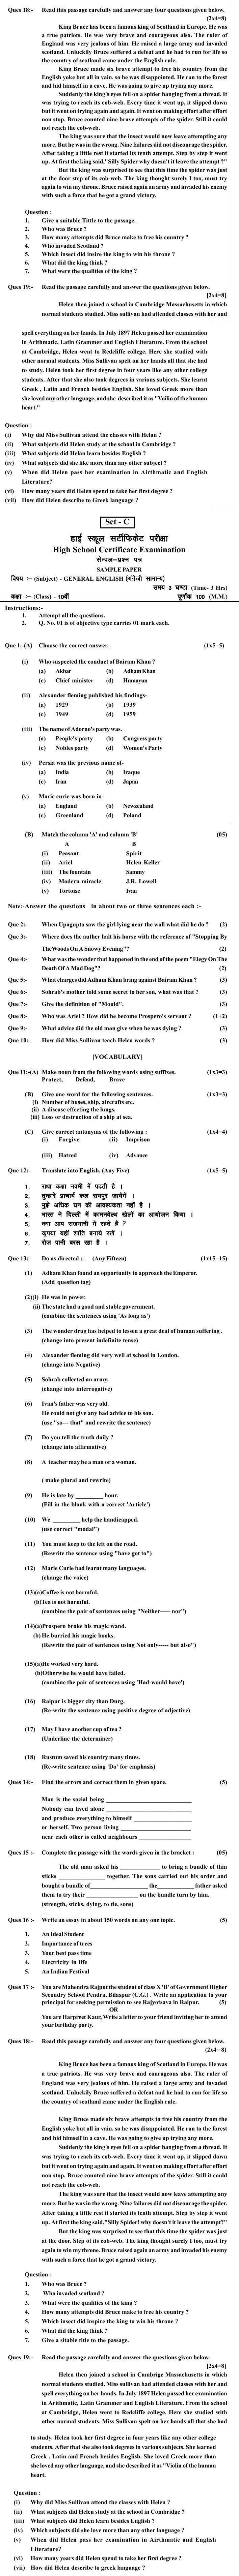 Chattisgarh Board Class 10 English General Sample Paper